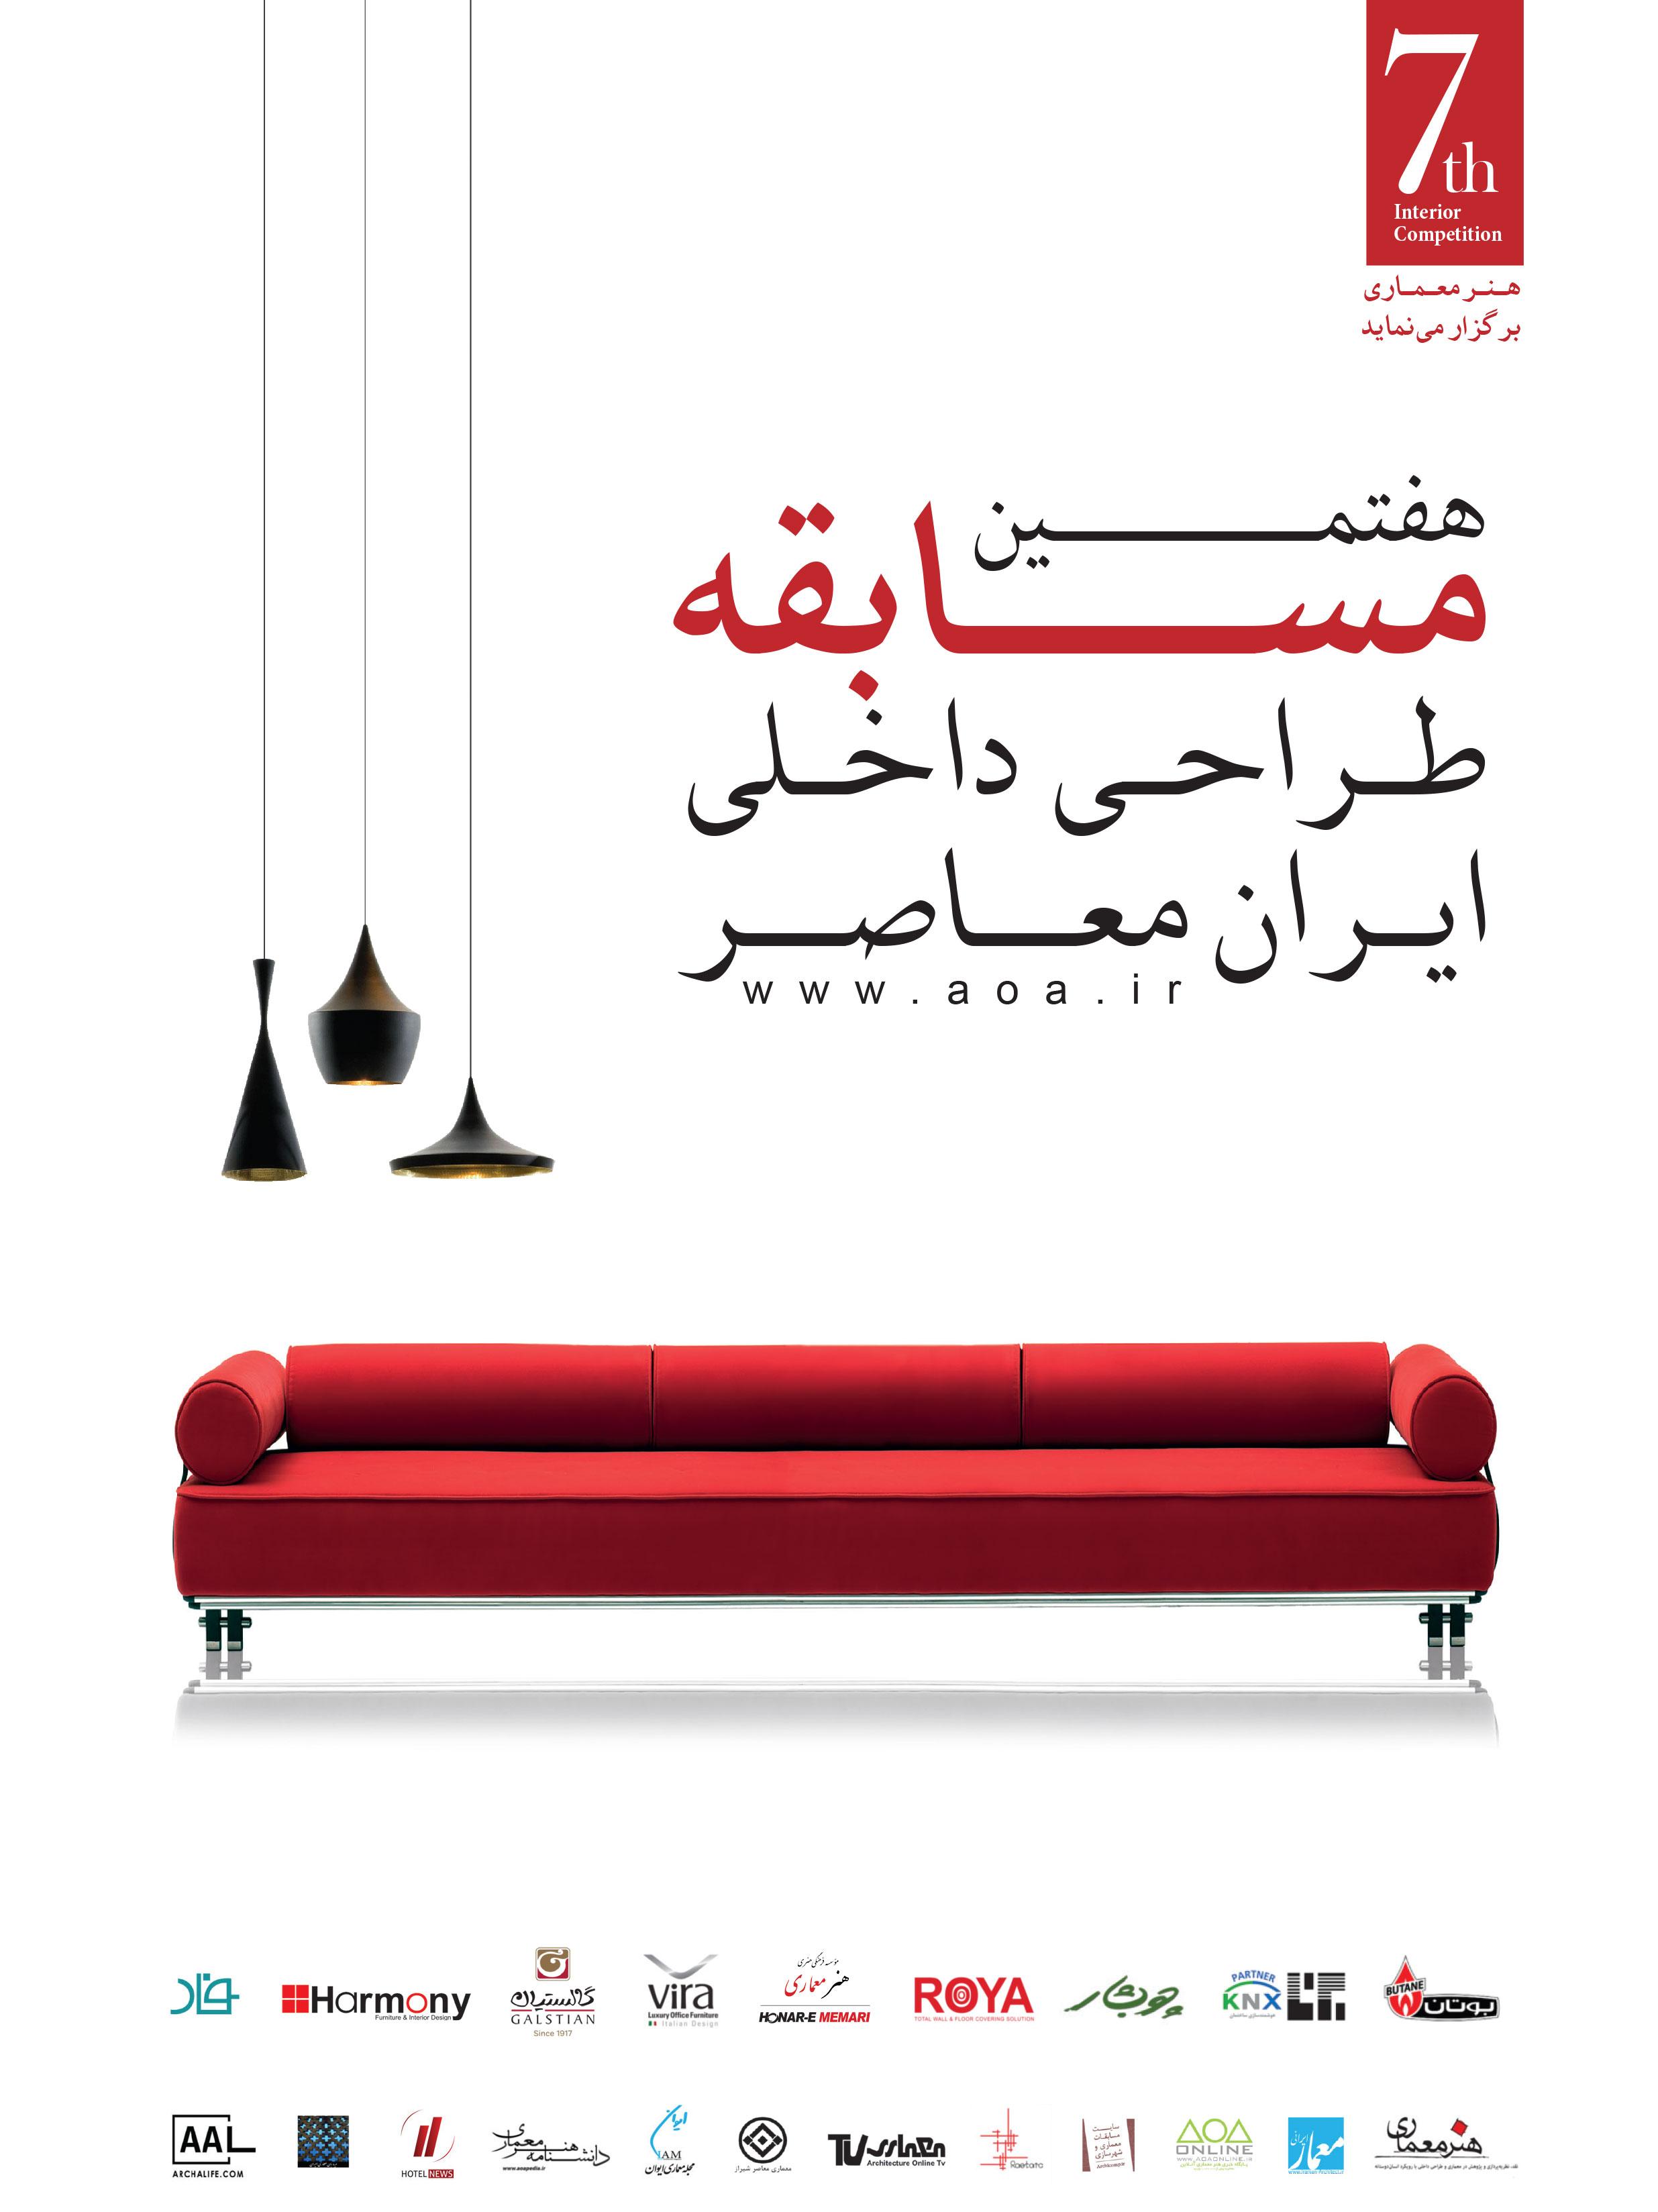 طراحی داخلی ایران معاصر